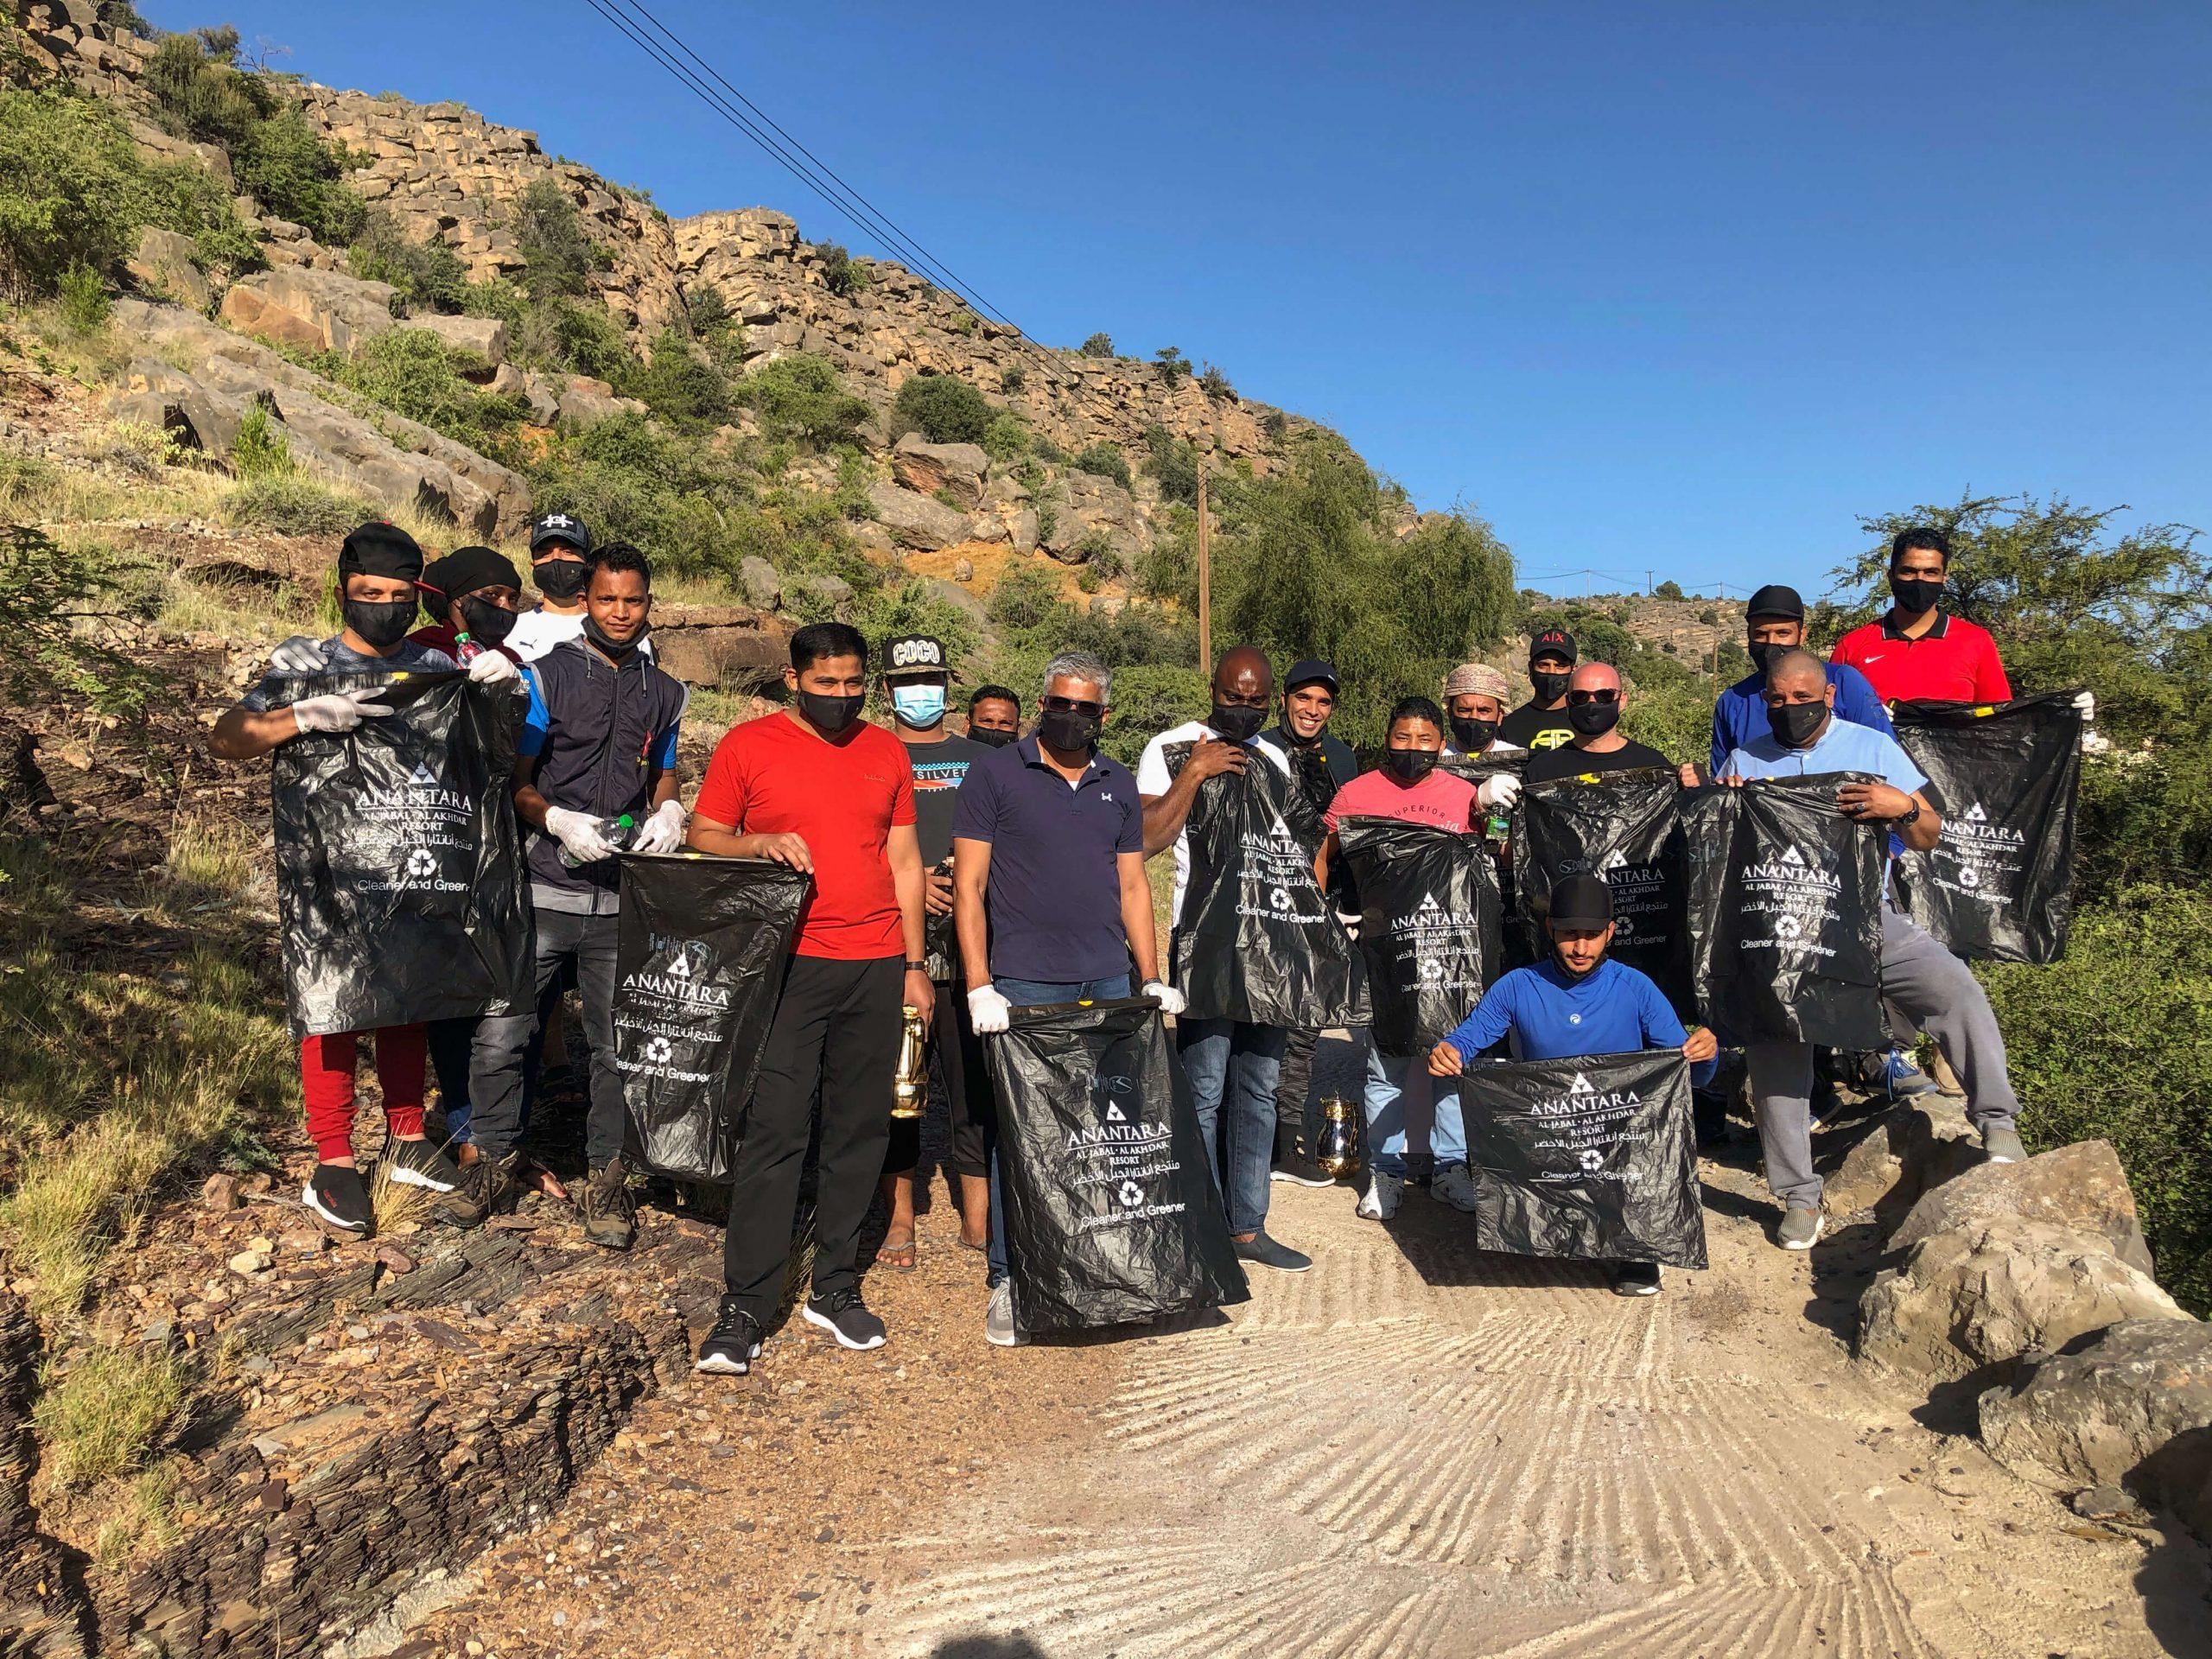 منتجع أنانتارا الجبل الأخضر يزيل 120 كغ من النفايات احتفاءً بيوم النظافة العالمي